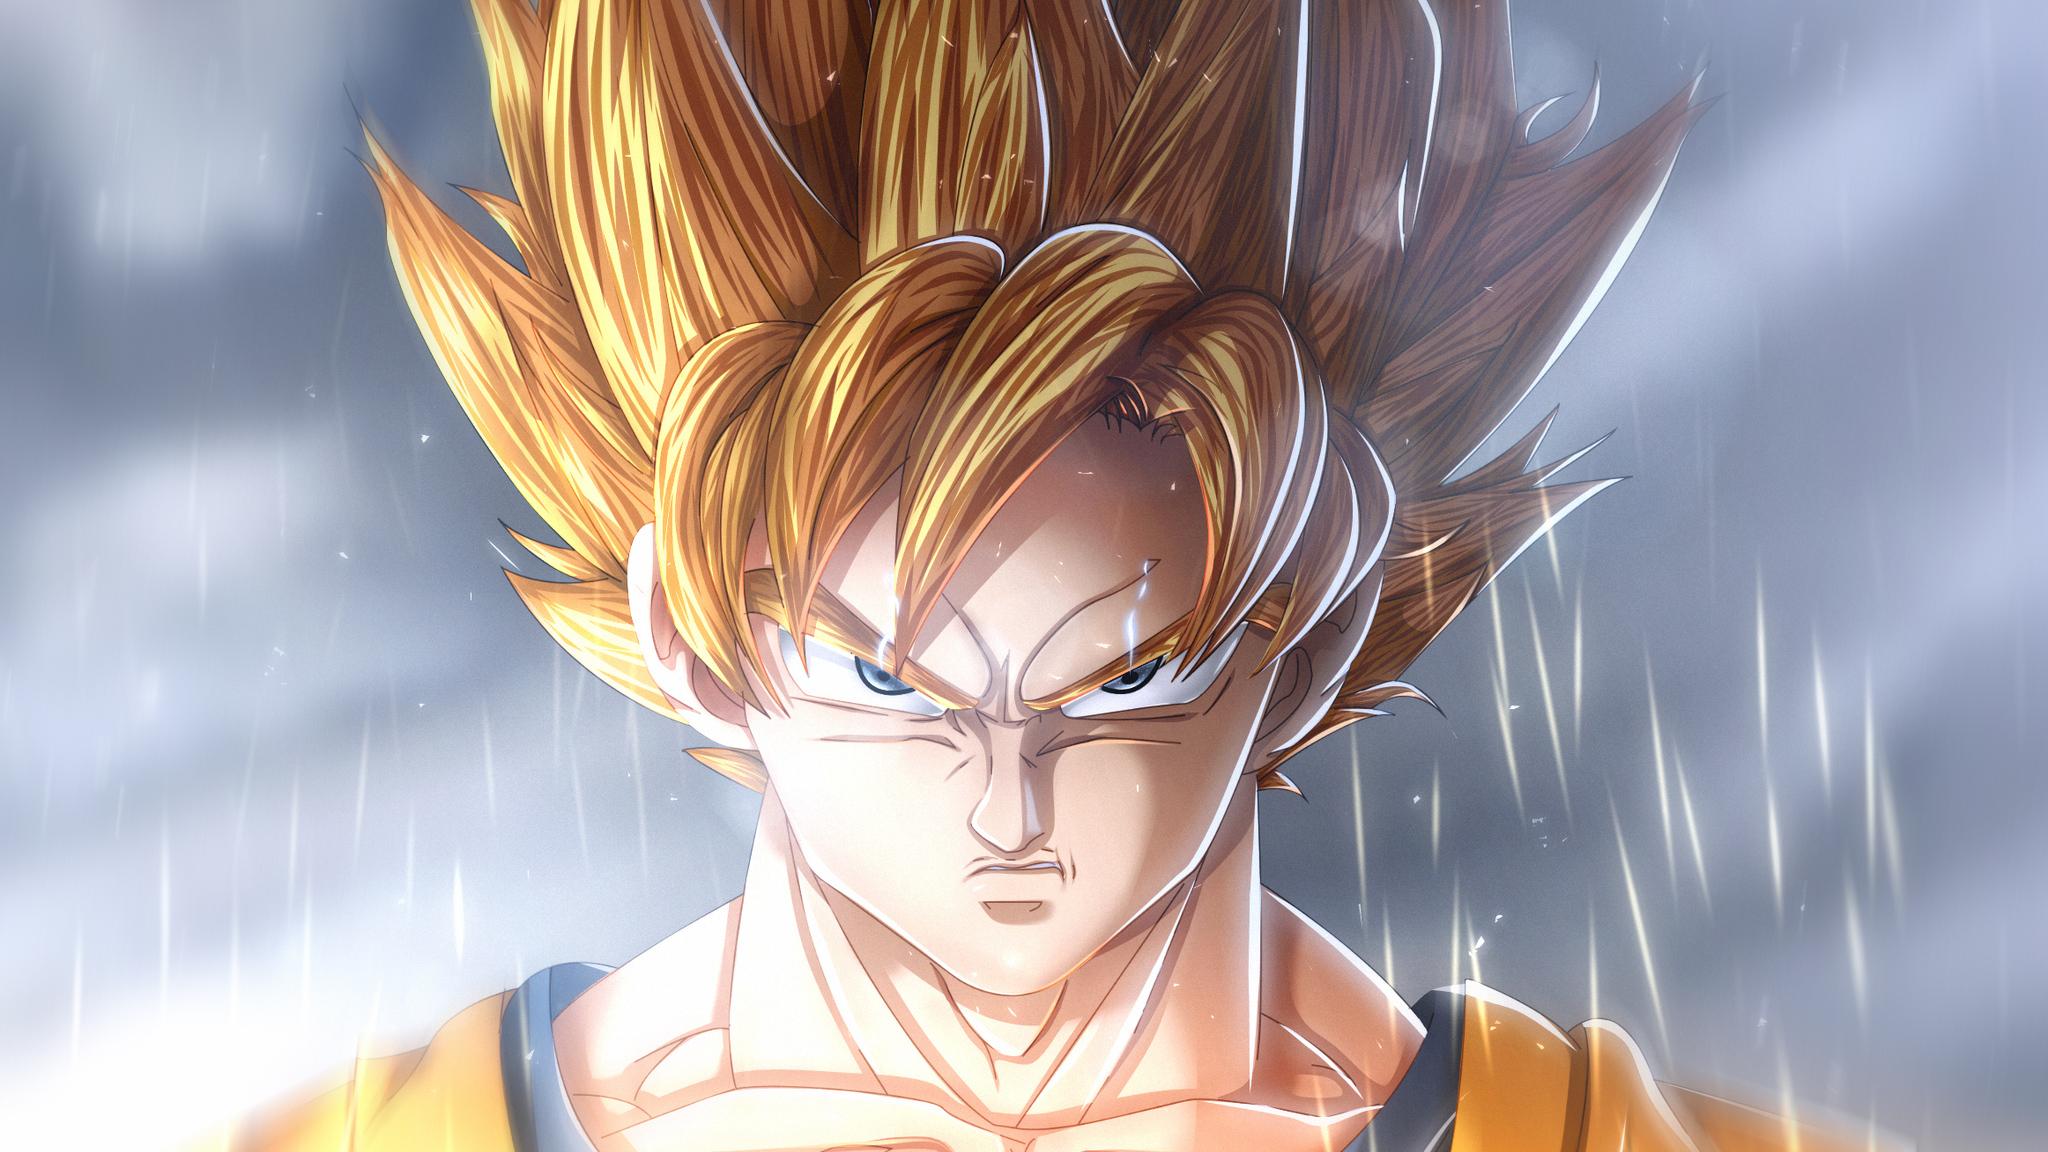 2048x1152 Goku Dragon Ball Super Anime Manga 2048x1152